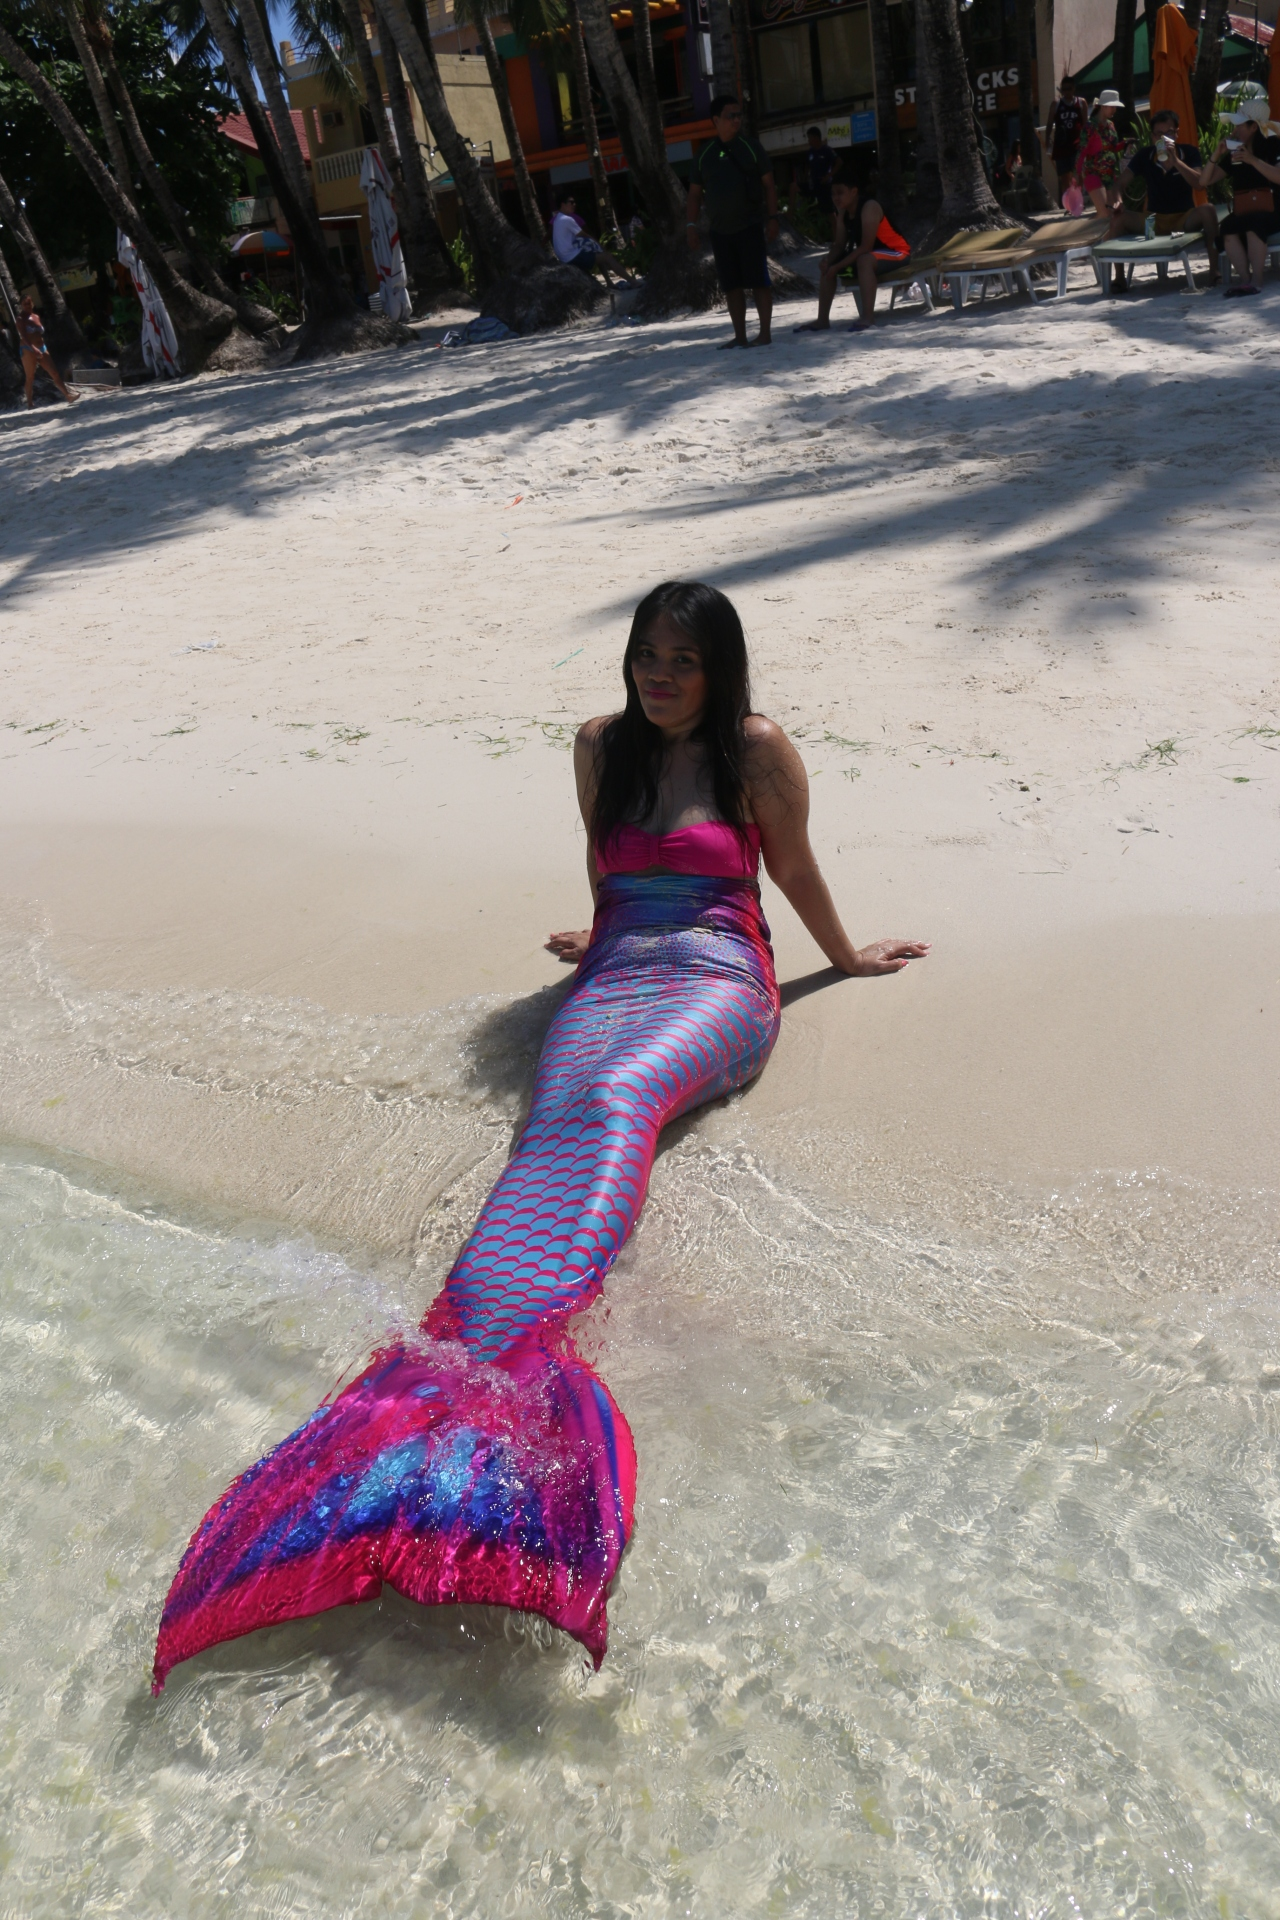 mermaid by the seashore